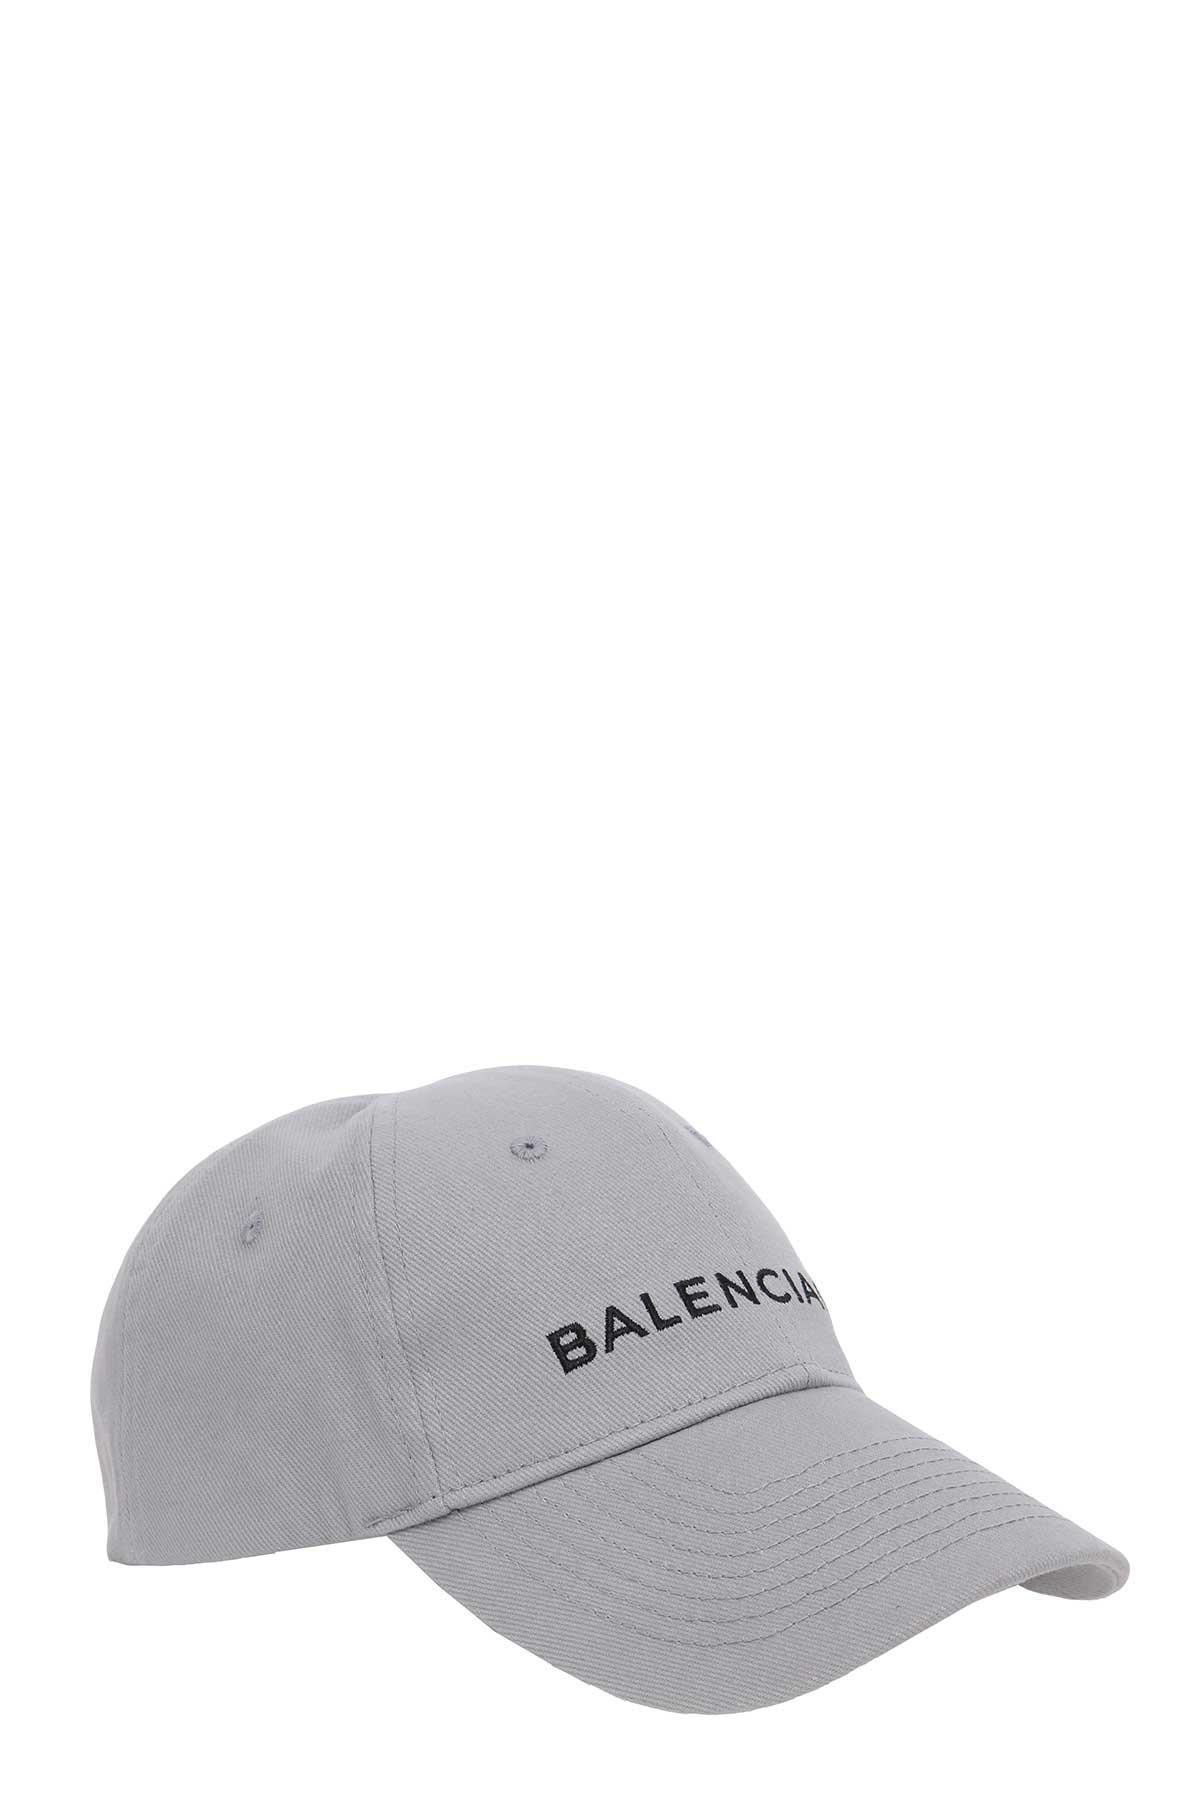 Balenciaga Grey Cotton Hat In Grigio